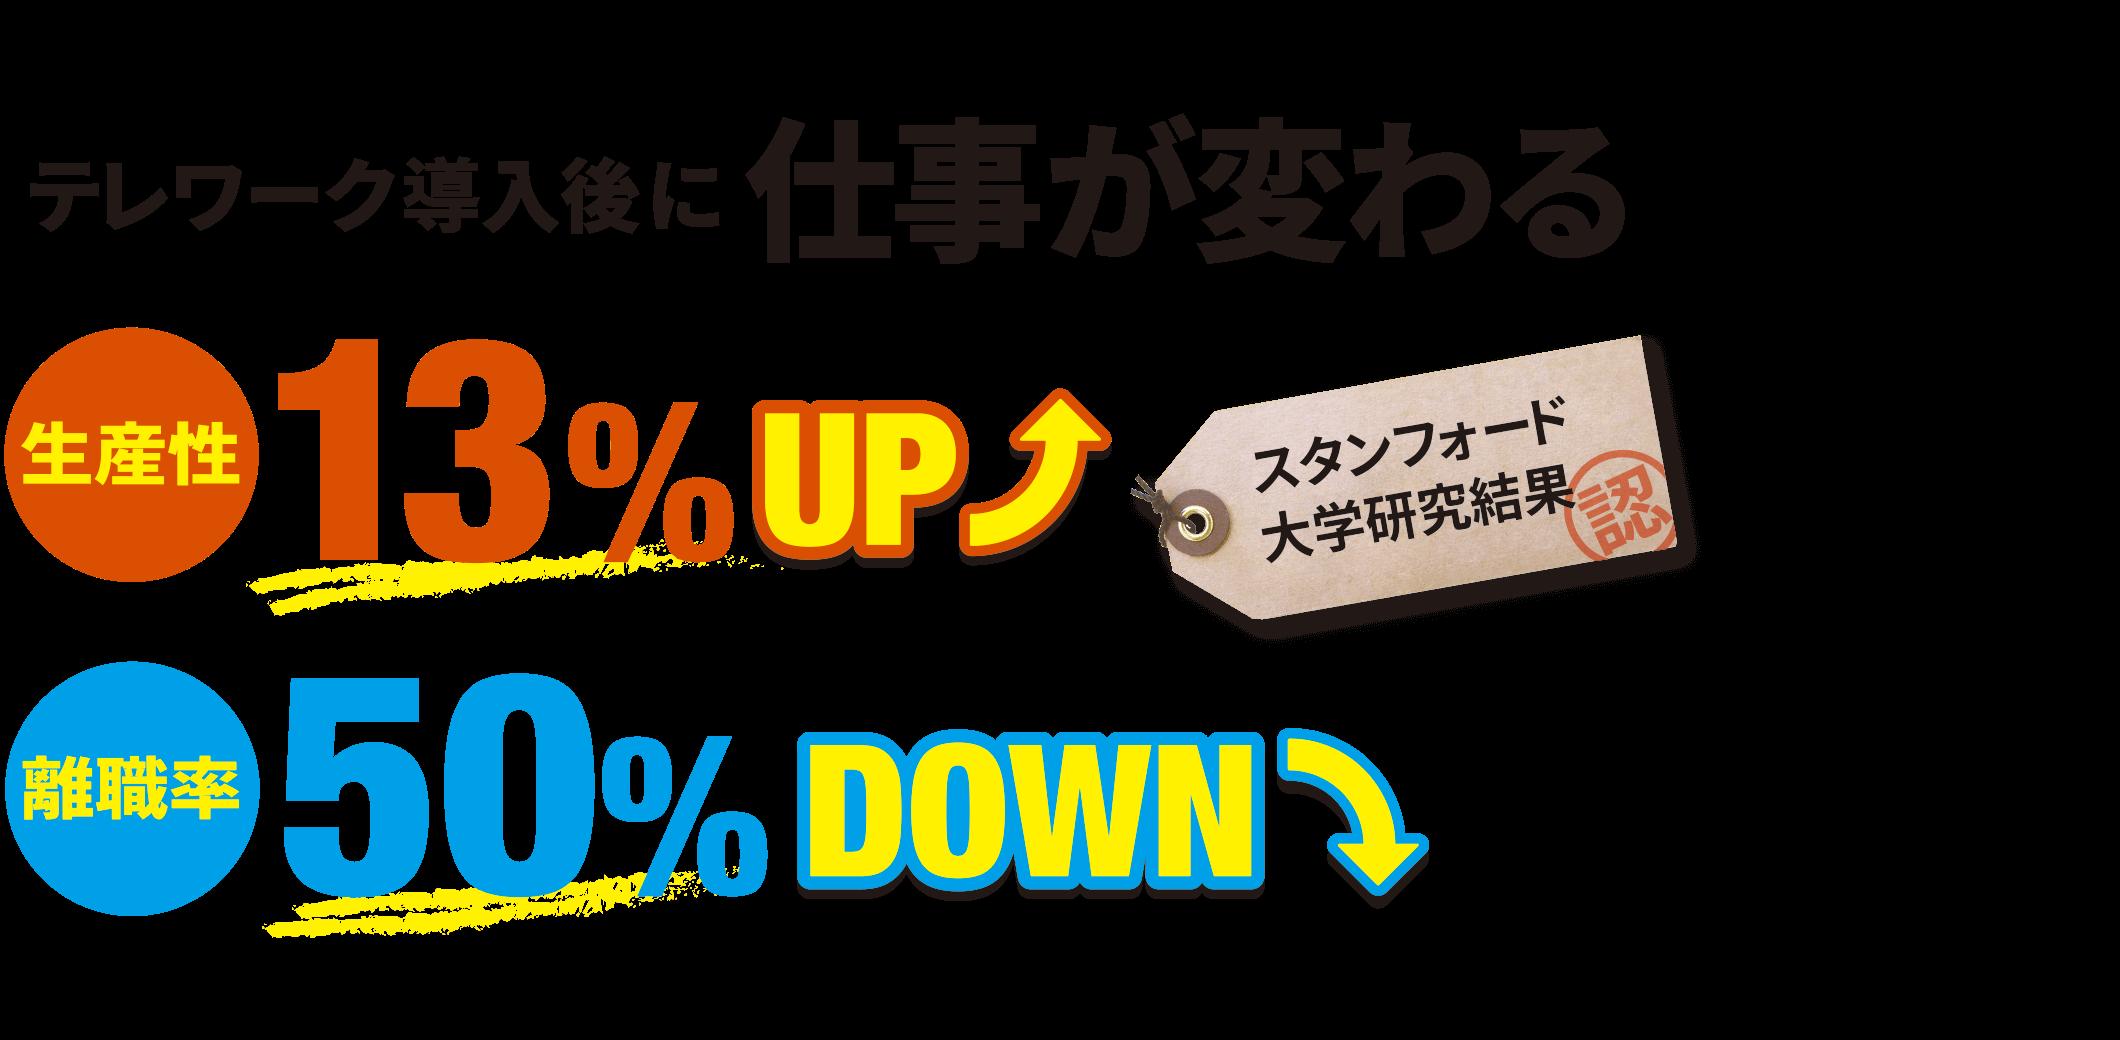 テレワーク導入後に仕事が変わる 生産性13%UP 離職率50%DOWN